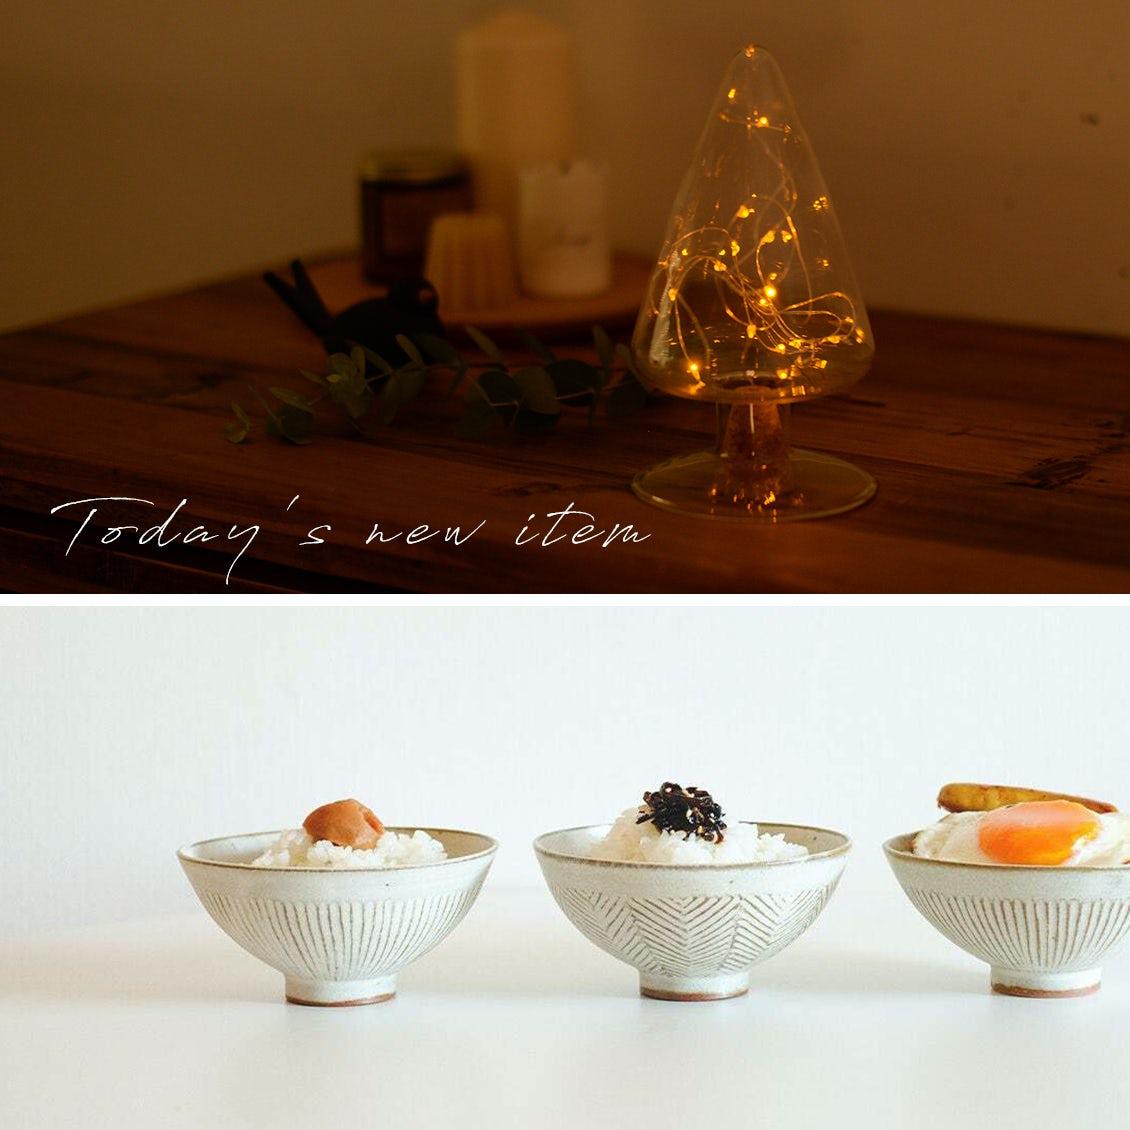 【新商品】家じかんがもっと好きになる、「ガラスの木のオブジェ」と作家さんの「お茶碗」が新登場です!